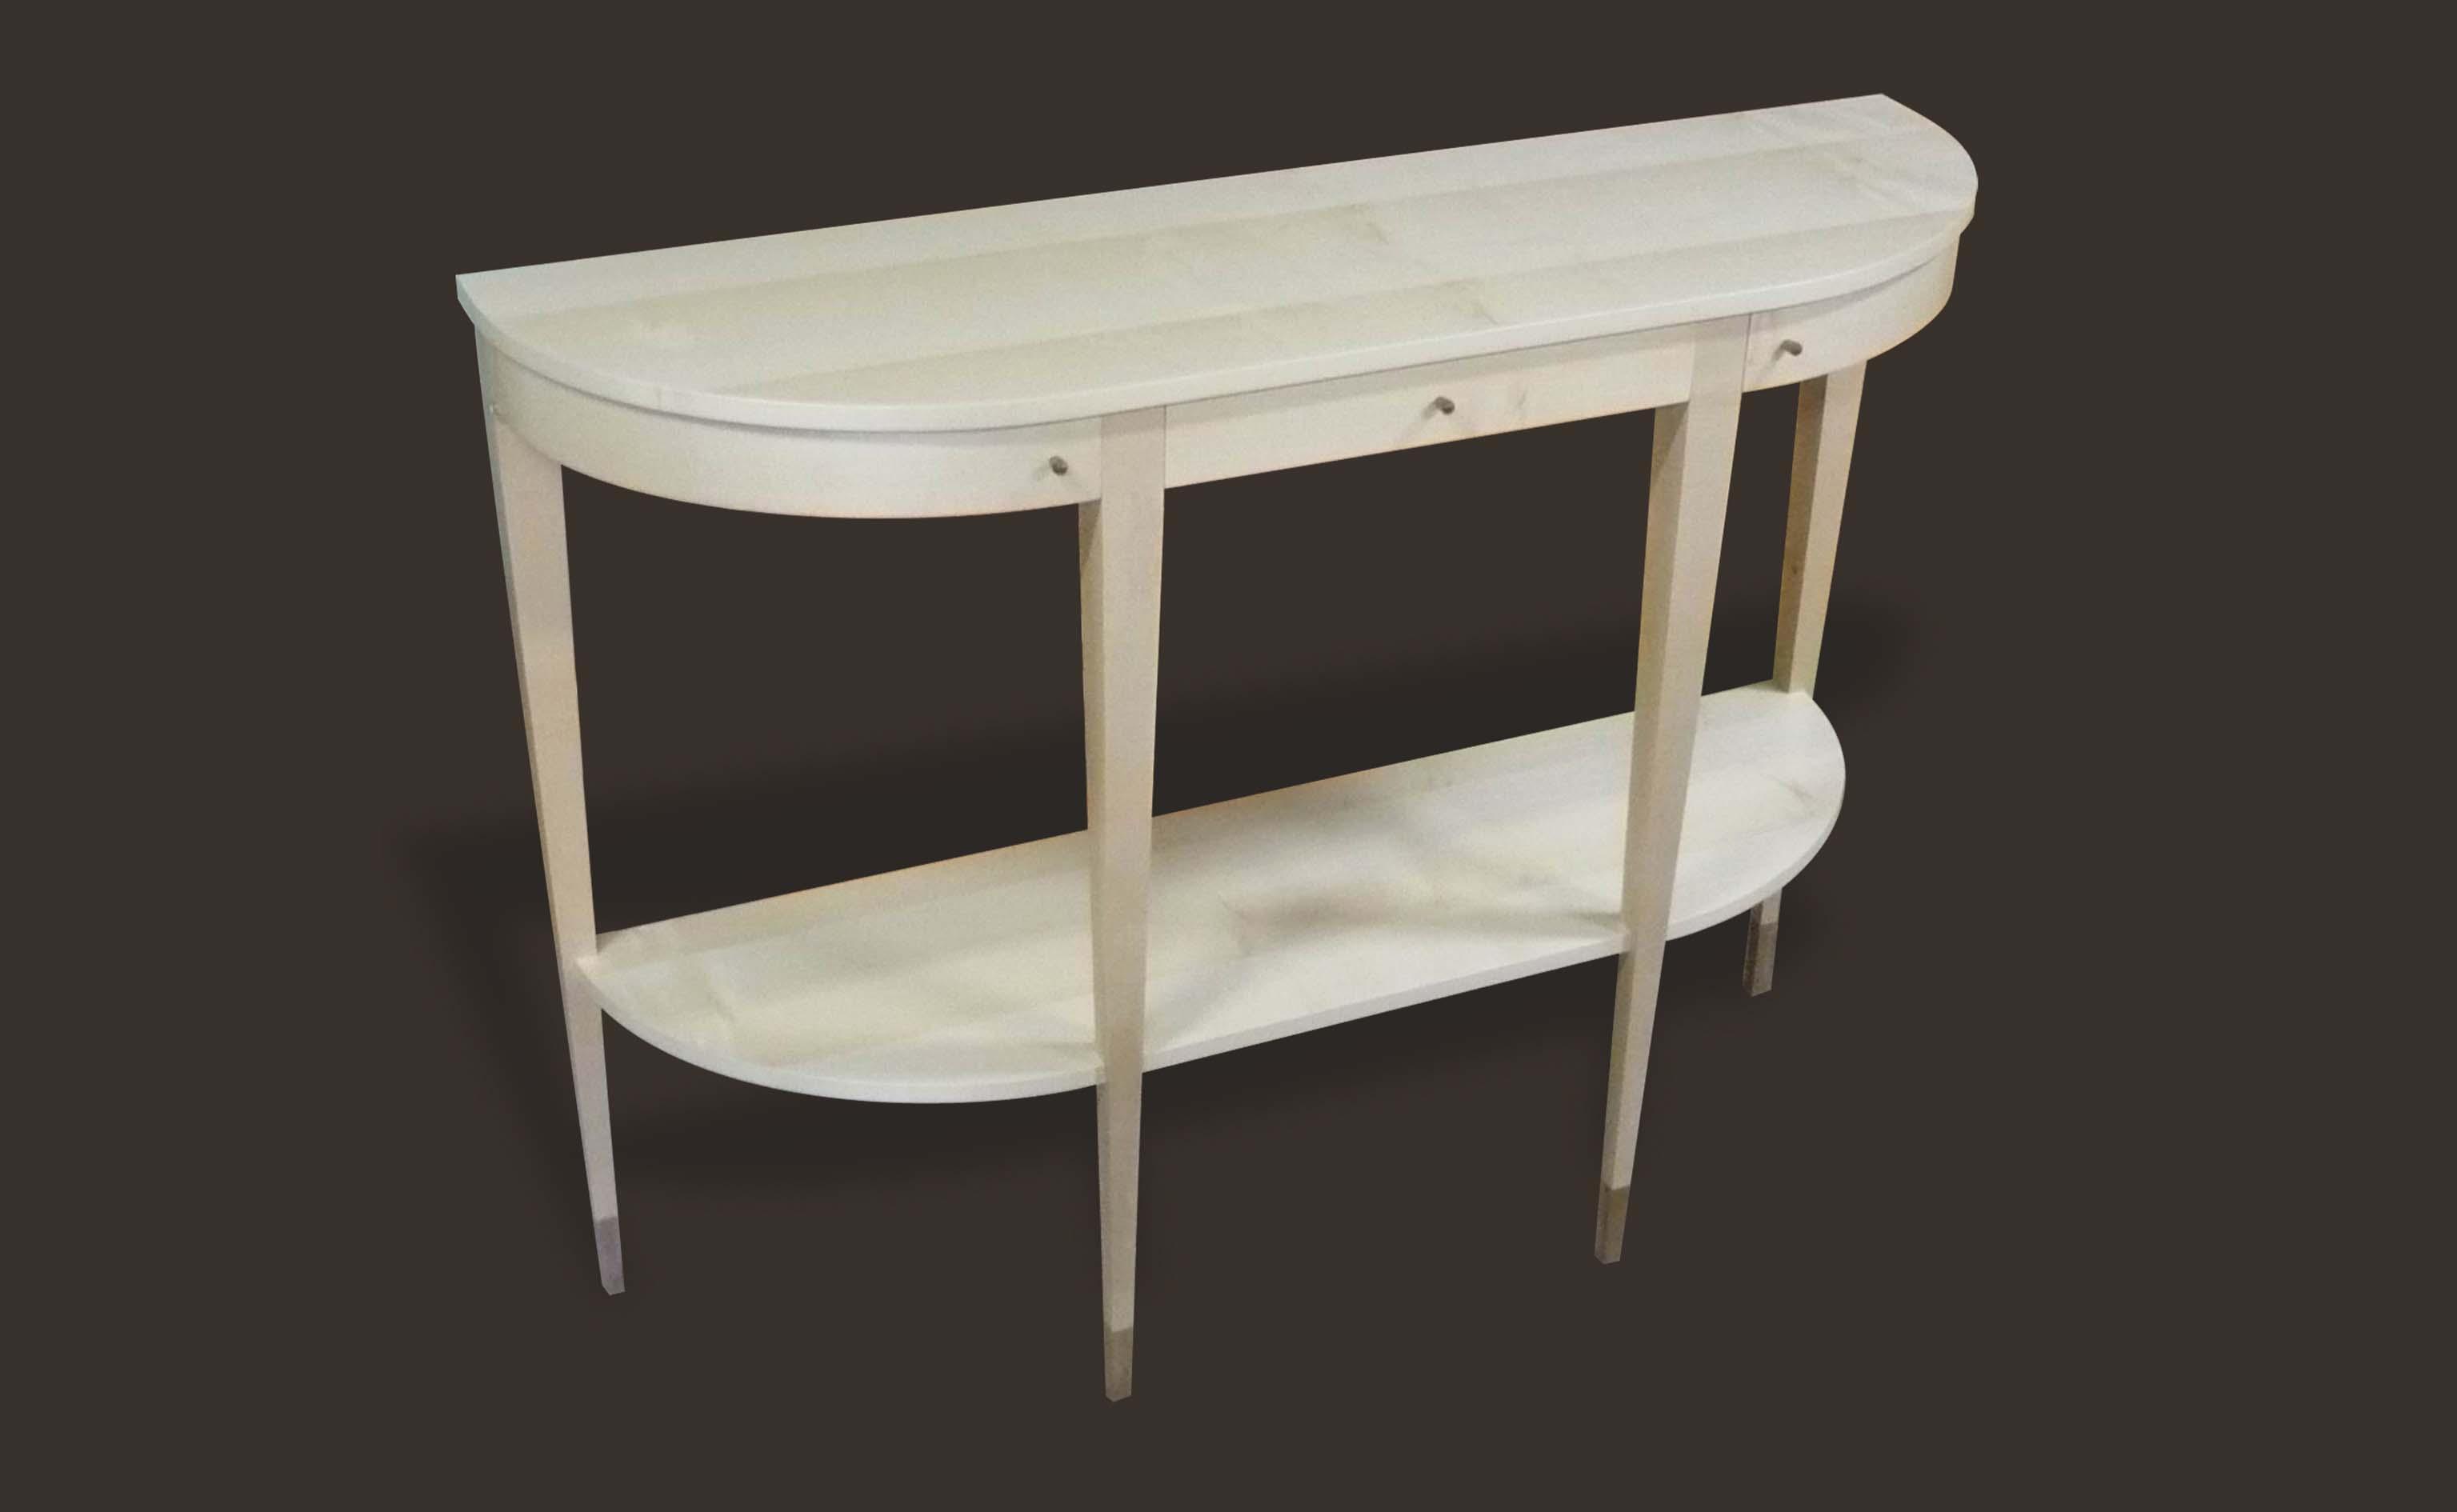 B niste cr ateur fabricant de mobilier contemporain for H h createur de meubles